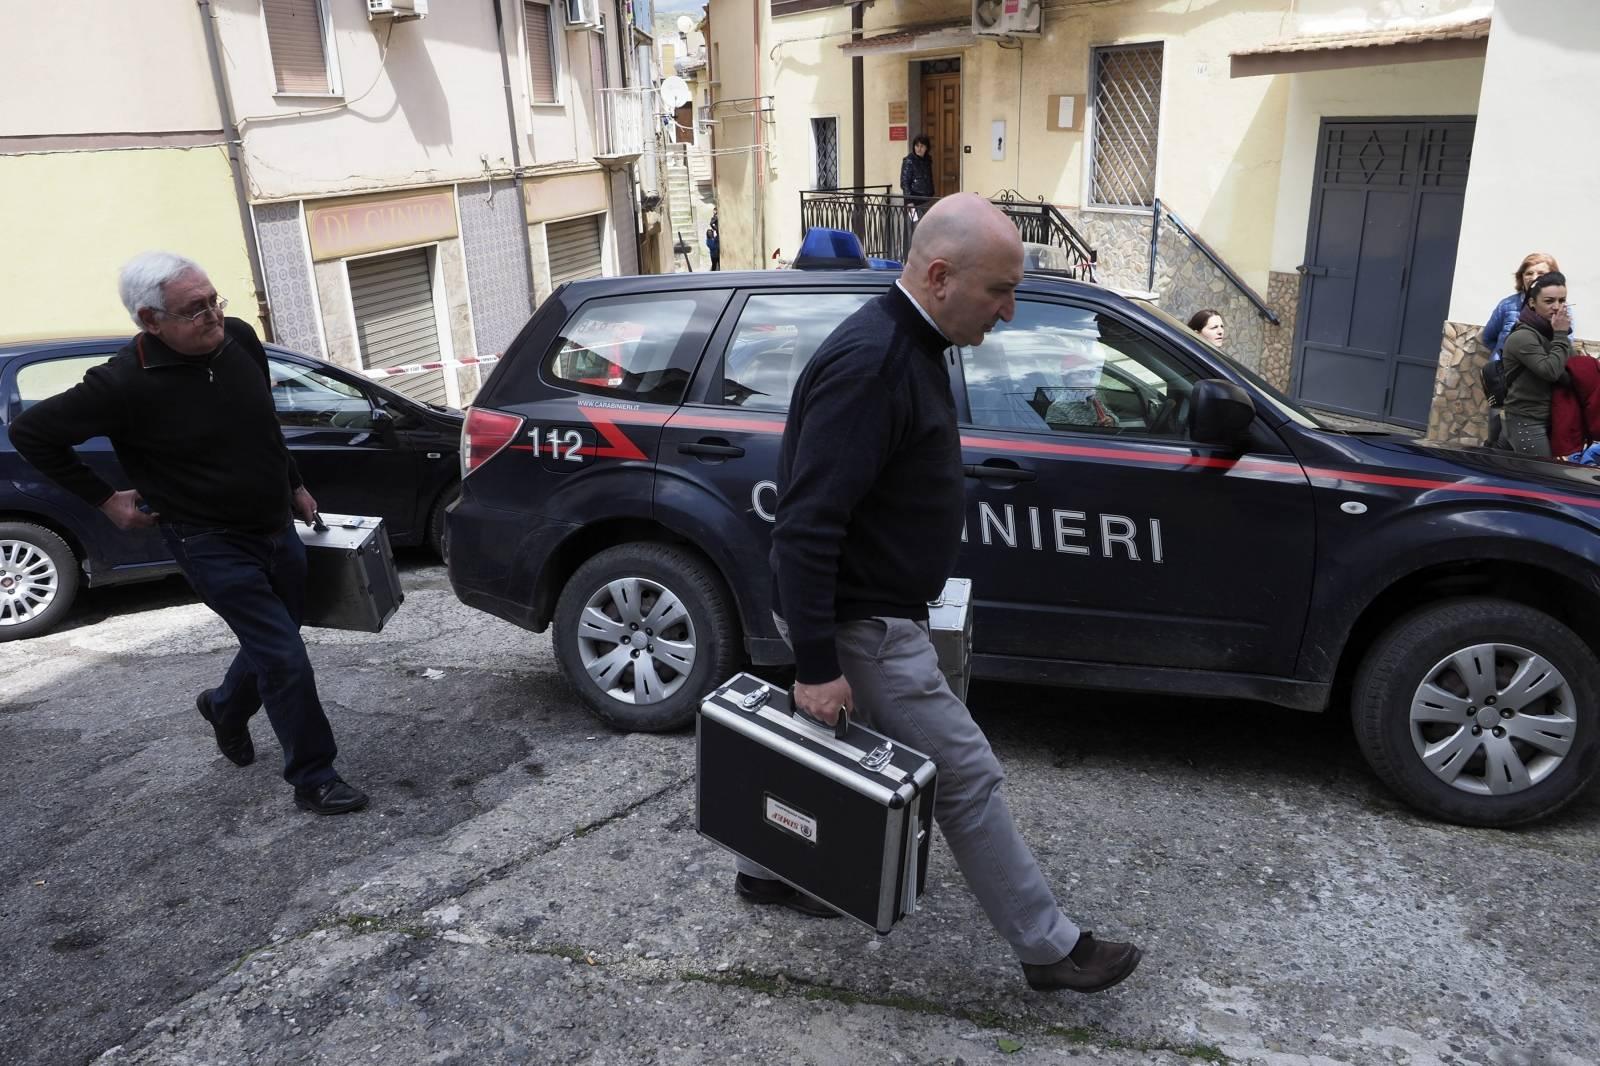 Romina Iannicelli, 44, was killed in her home in Cassano allo Ionio